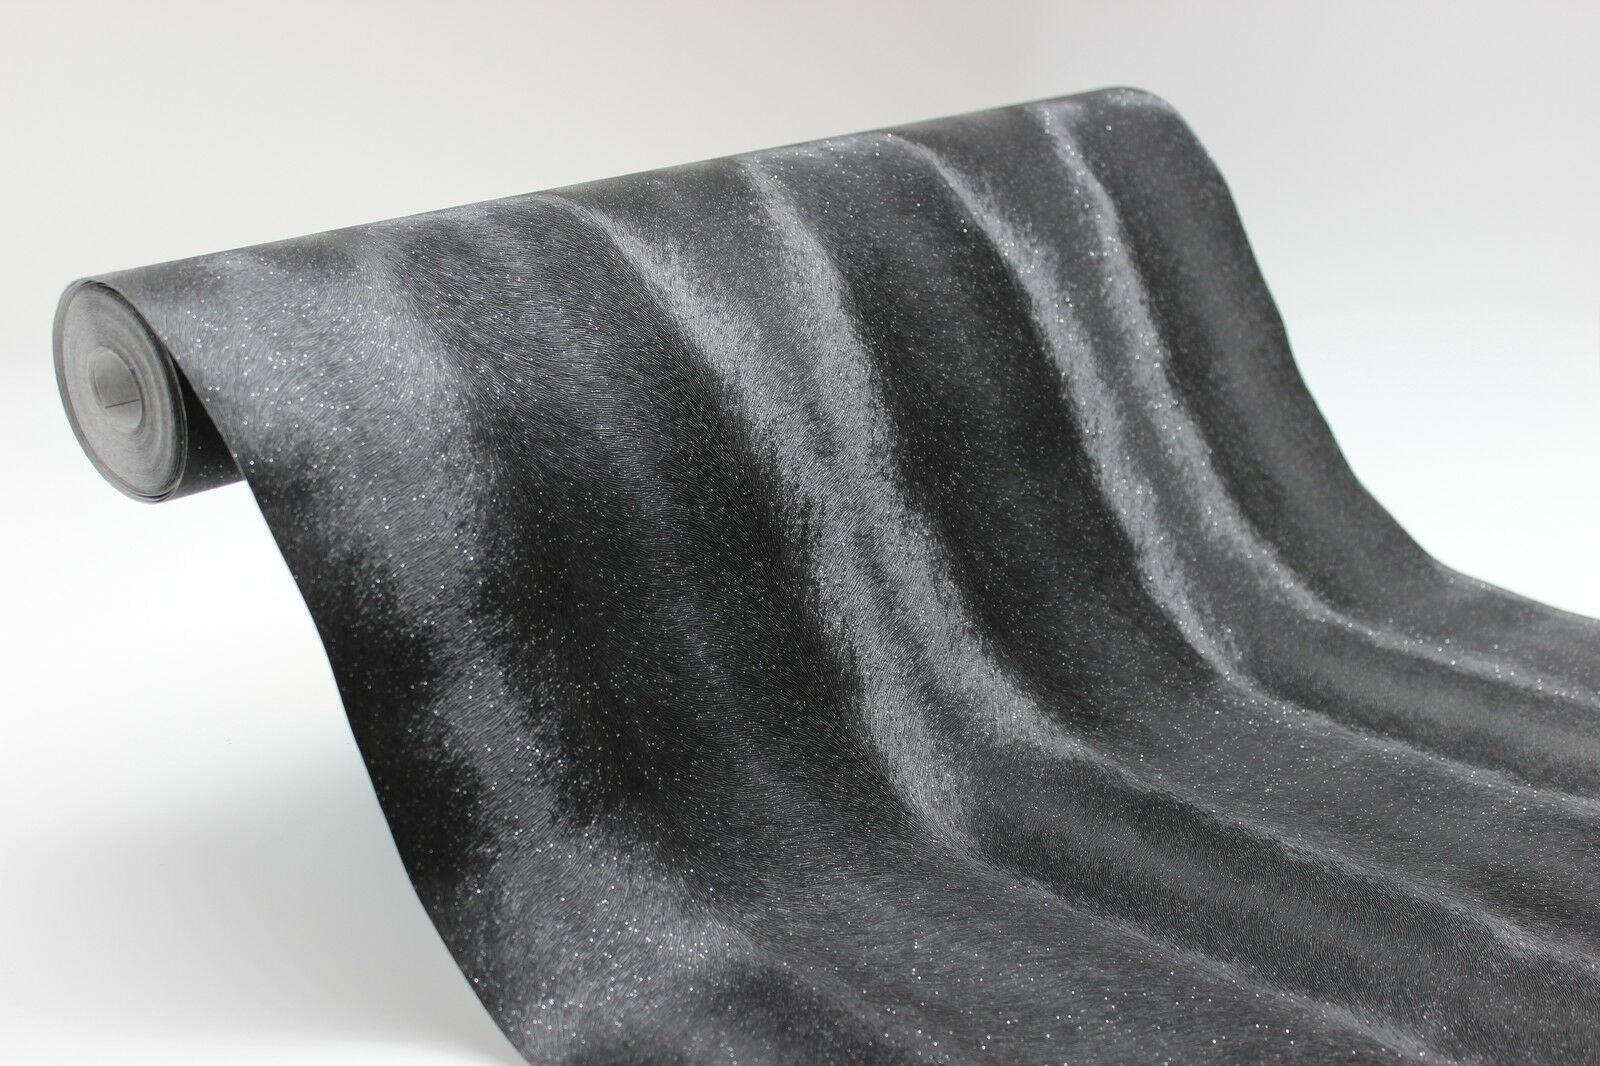 vlies tapete design pelz optik schwarz glitzer effekt elegant graham brown kaufen bei. Black Bedroom Furniture Sets. Home Design Ideas